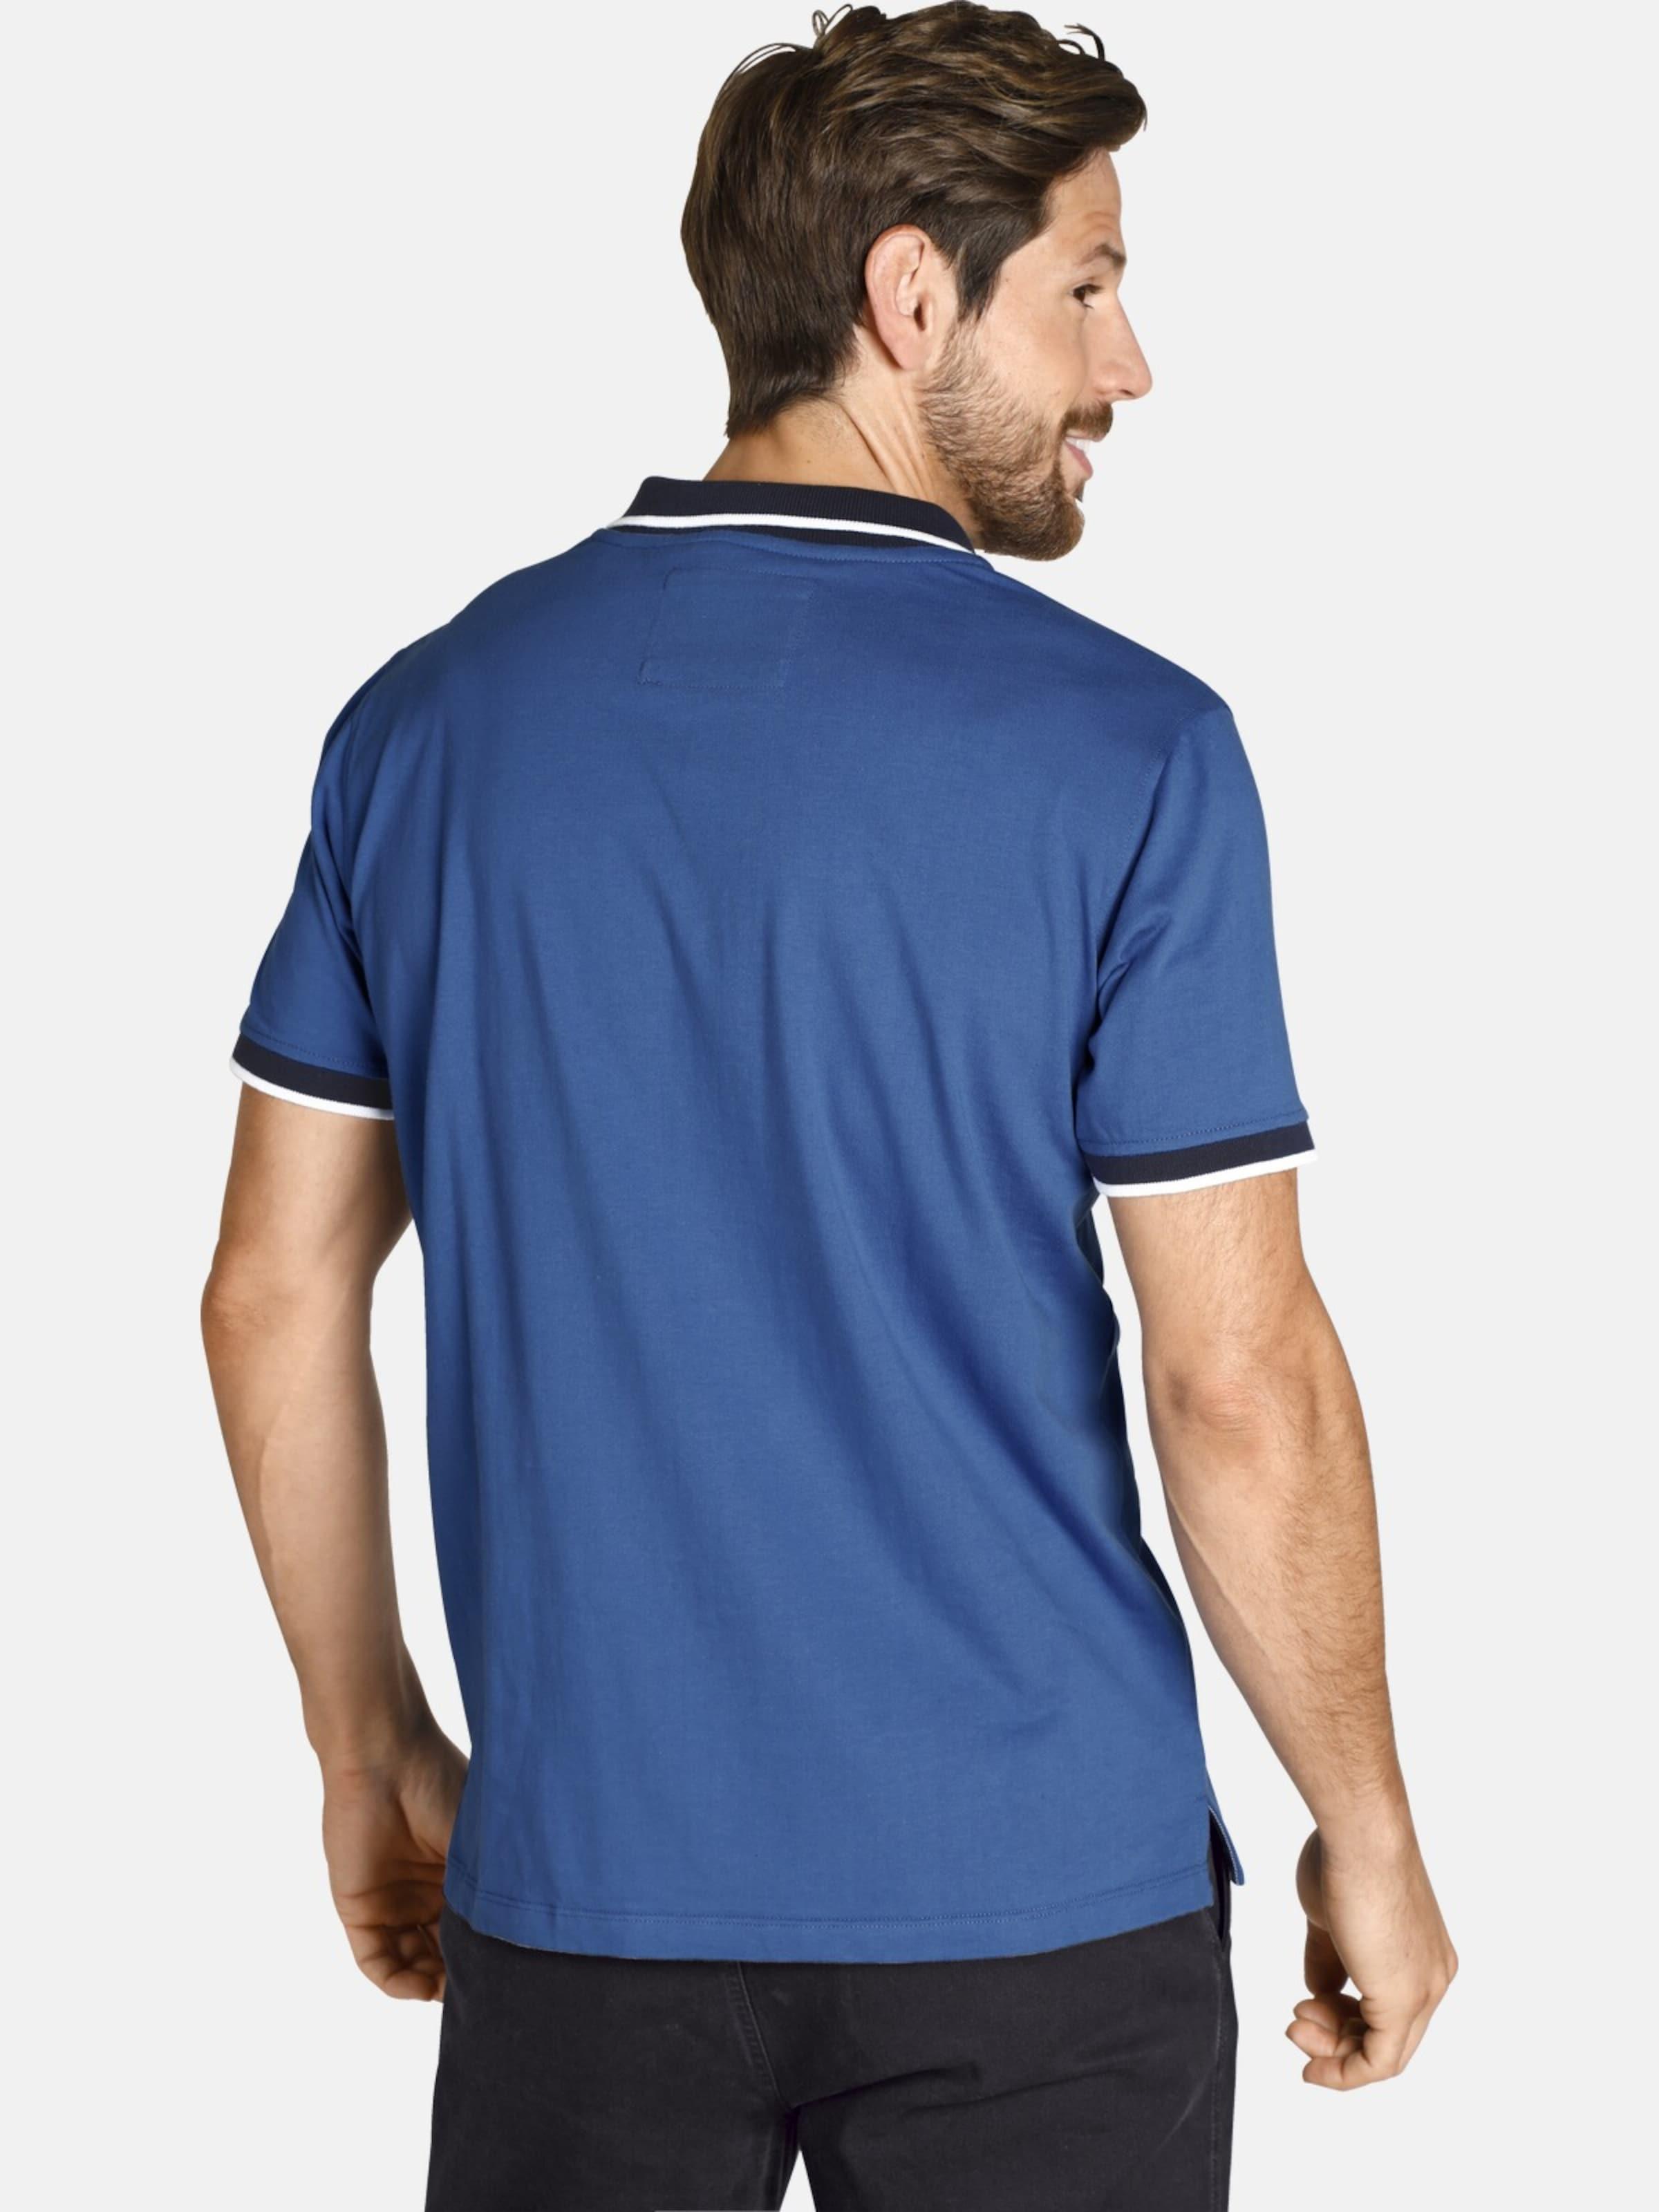 Adeke In Poloshirt Blau ' Vanderstorm Jan vyY76bgf